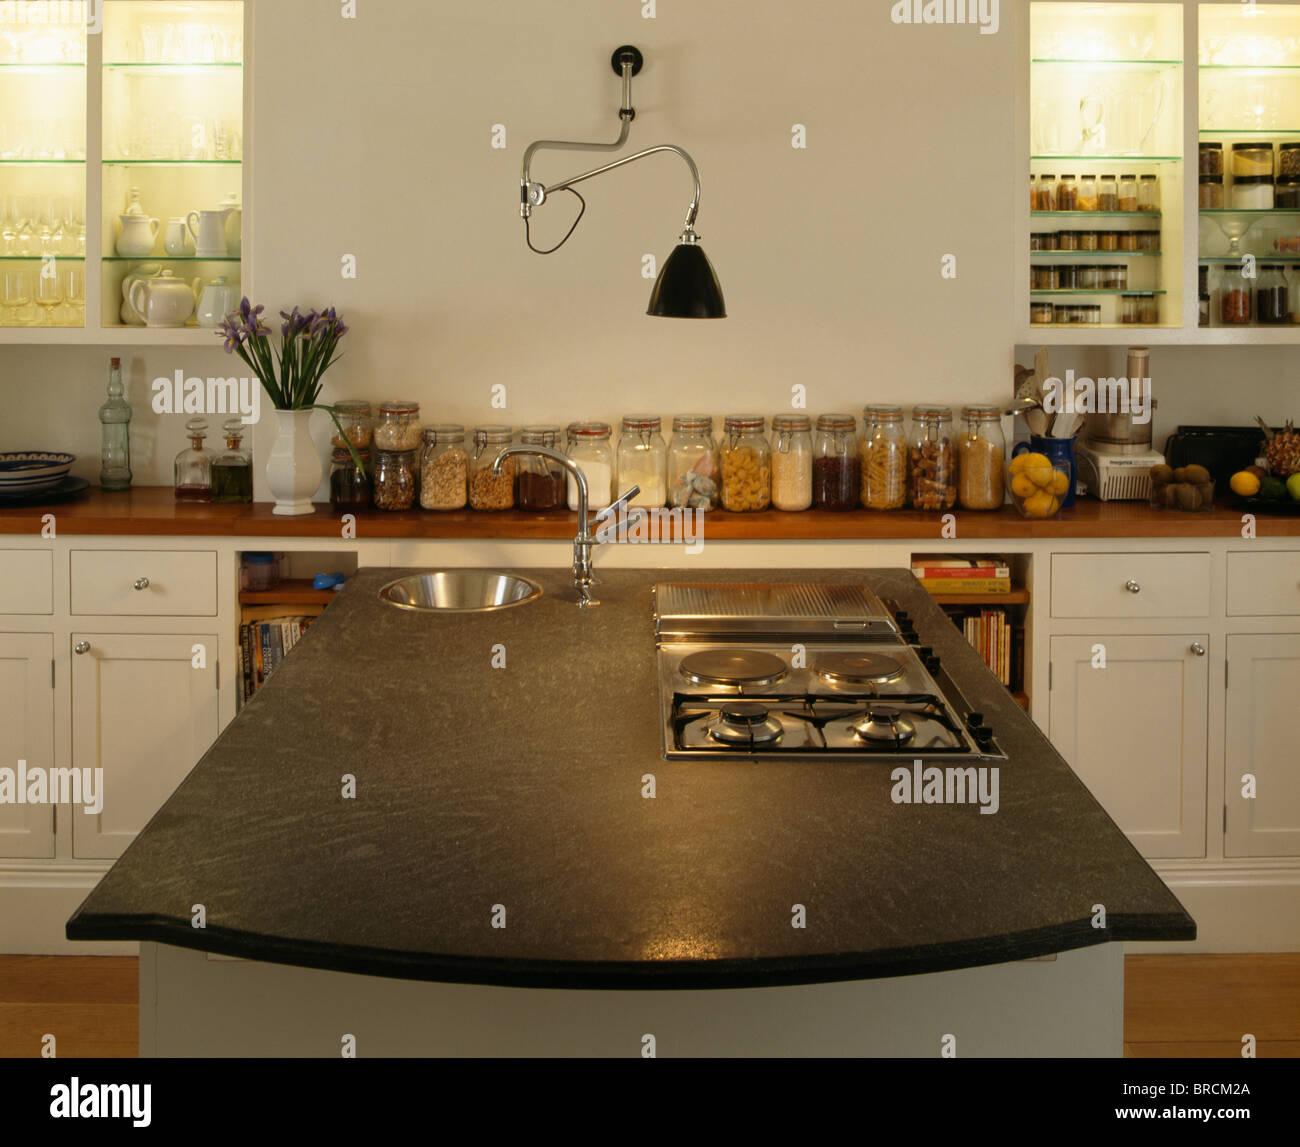 ausschnitt kochfeld in insel einheit mit schwarzem corian arbeitsplatte in modernen wei en k che. Black Bedroom Furniture Sets. Home Design Ideas